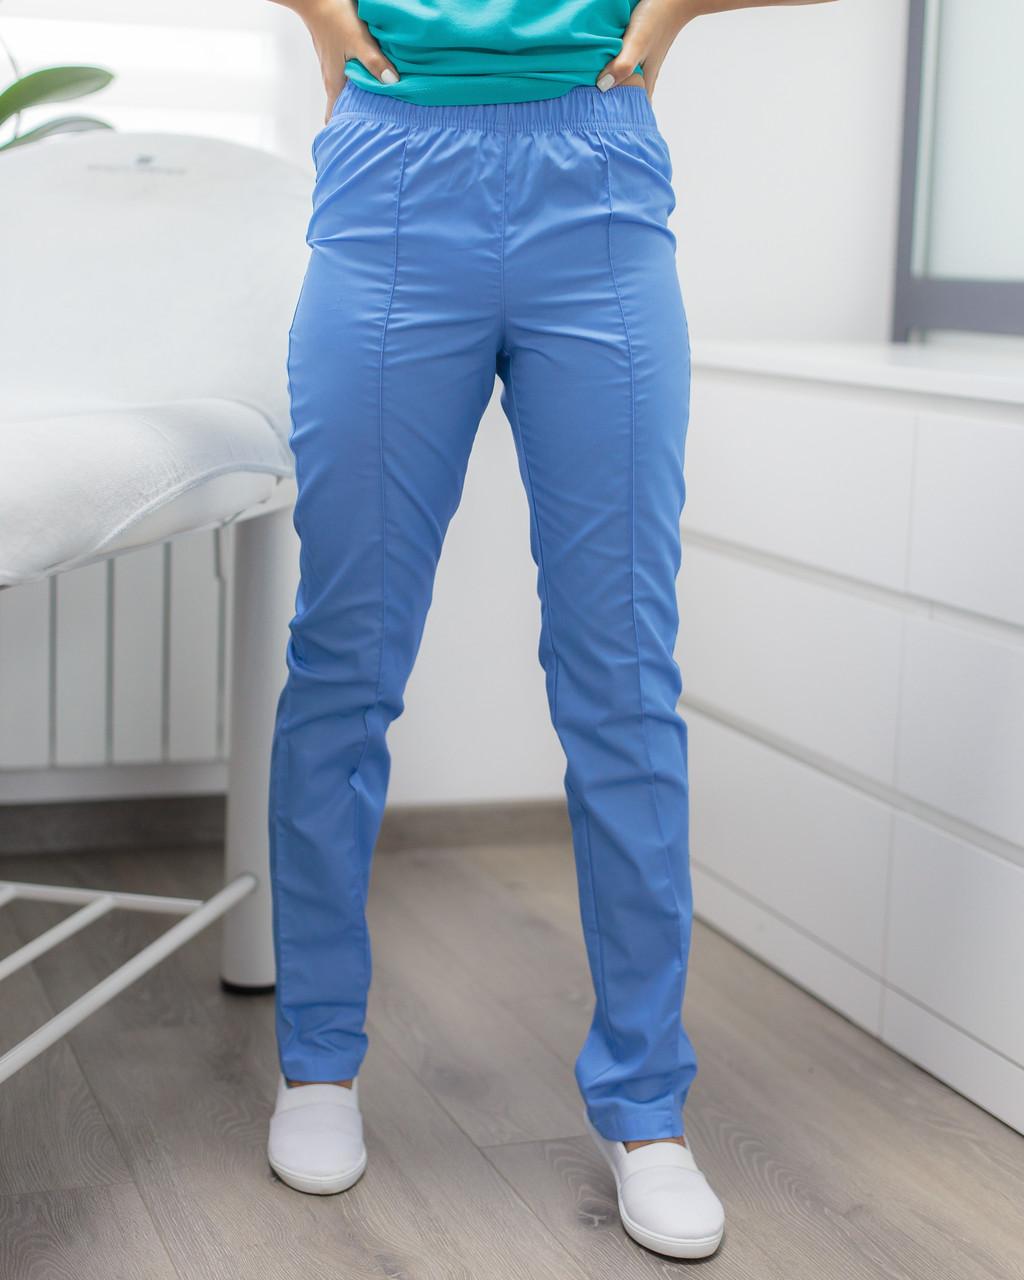 Медицинские женские брюки голубые